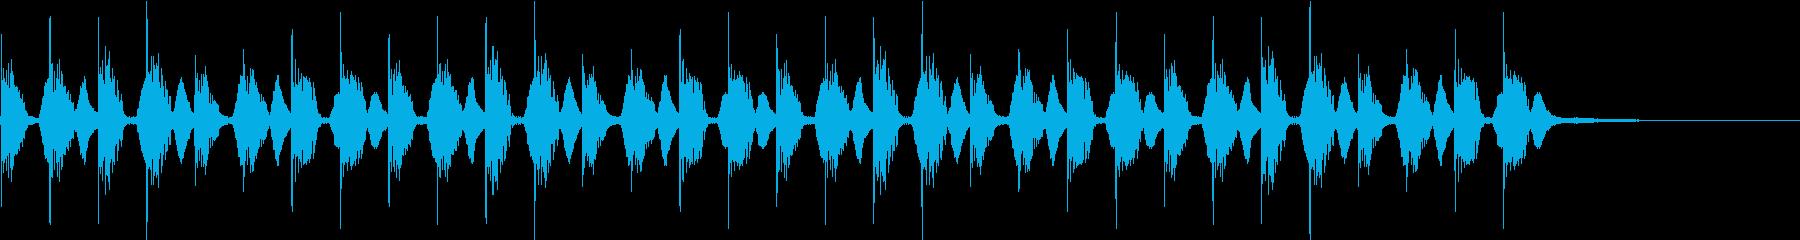 もやもやしたBGMの再生済みの波形